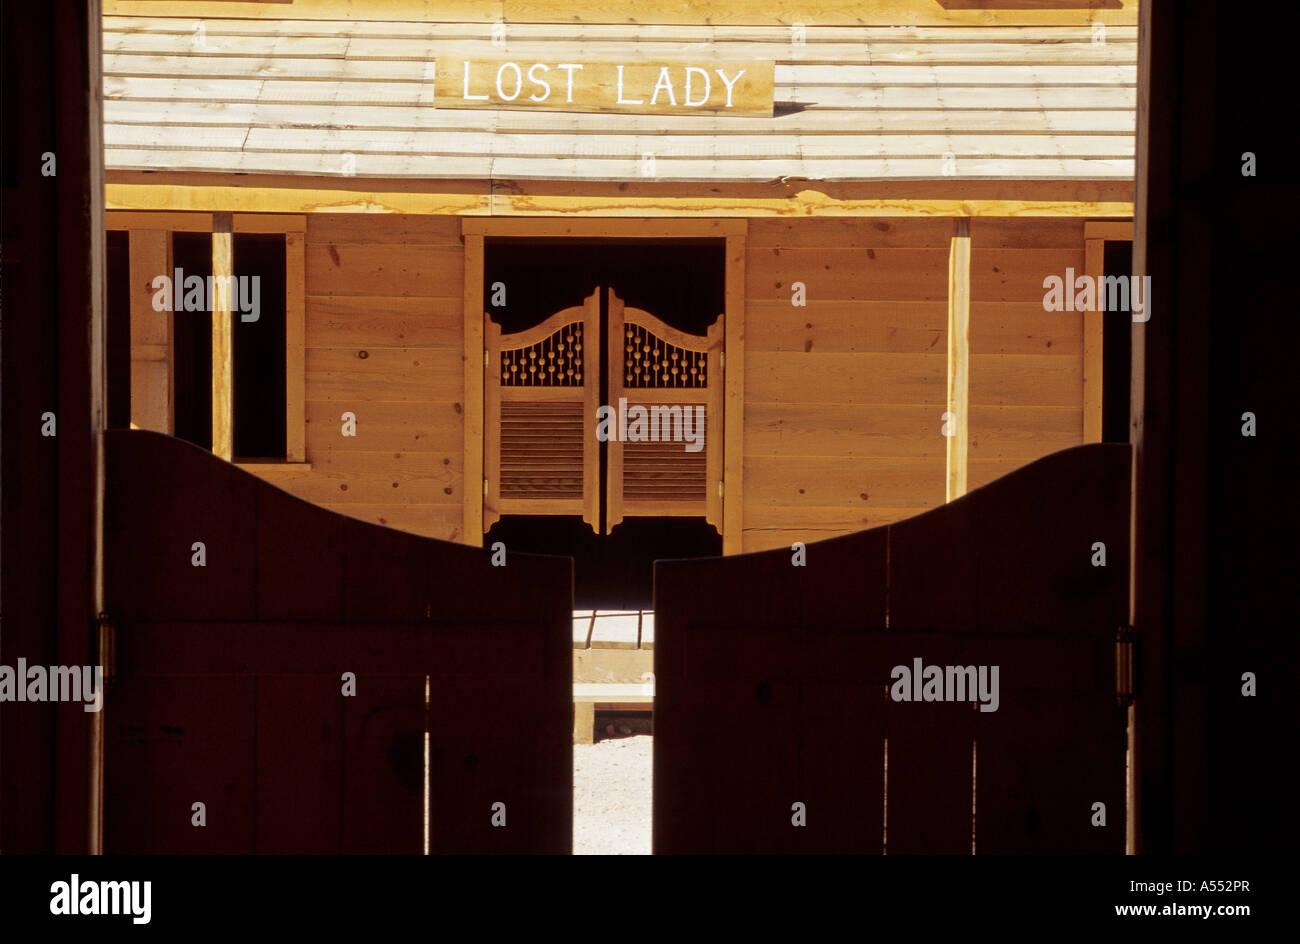 Saloon doors - Stock Image